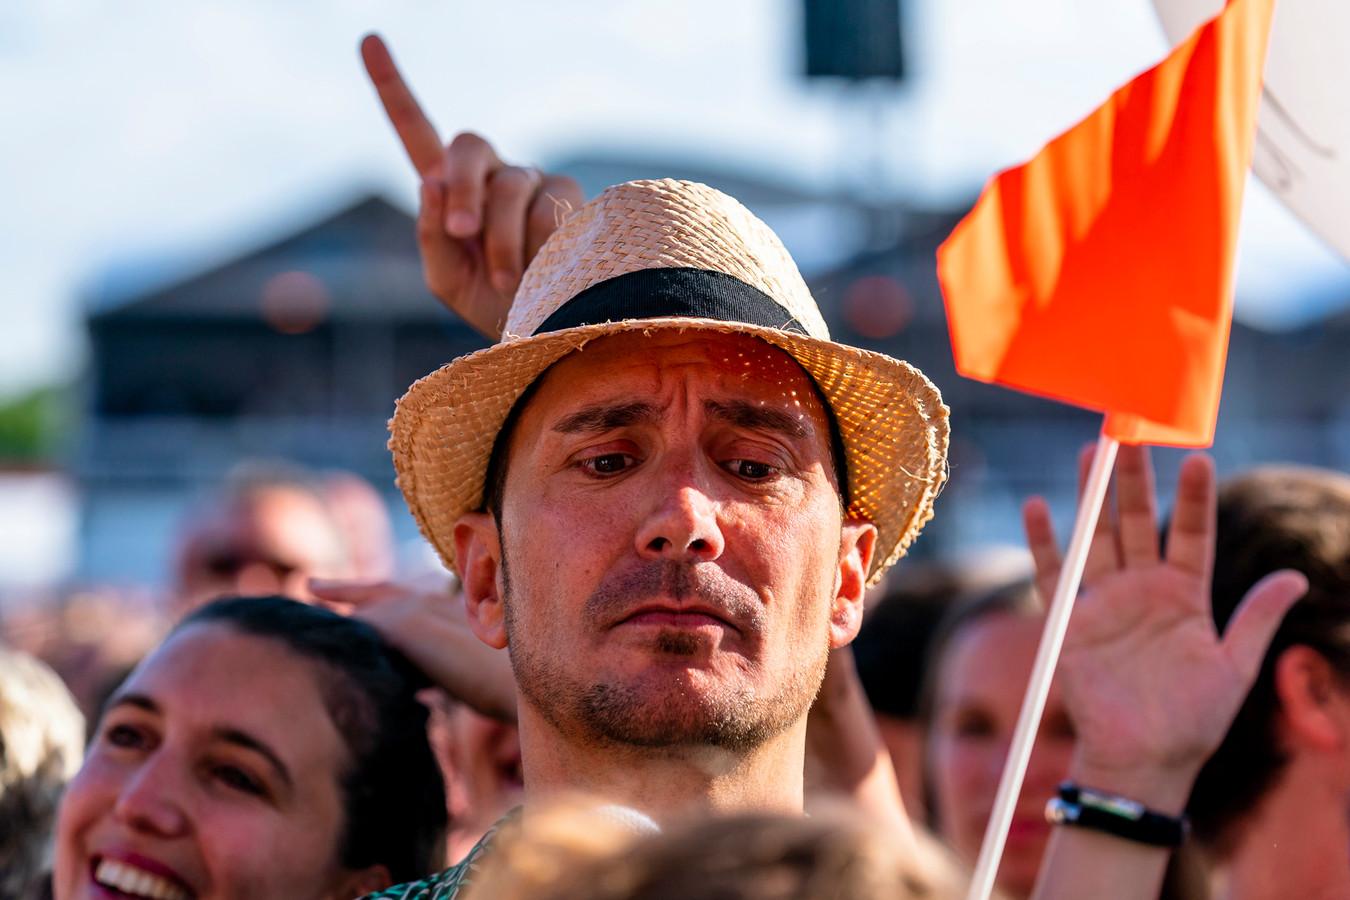 BREDA, Netherlands, 05-07-2019, entertainment, Chasseveld, Guido Weijers